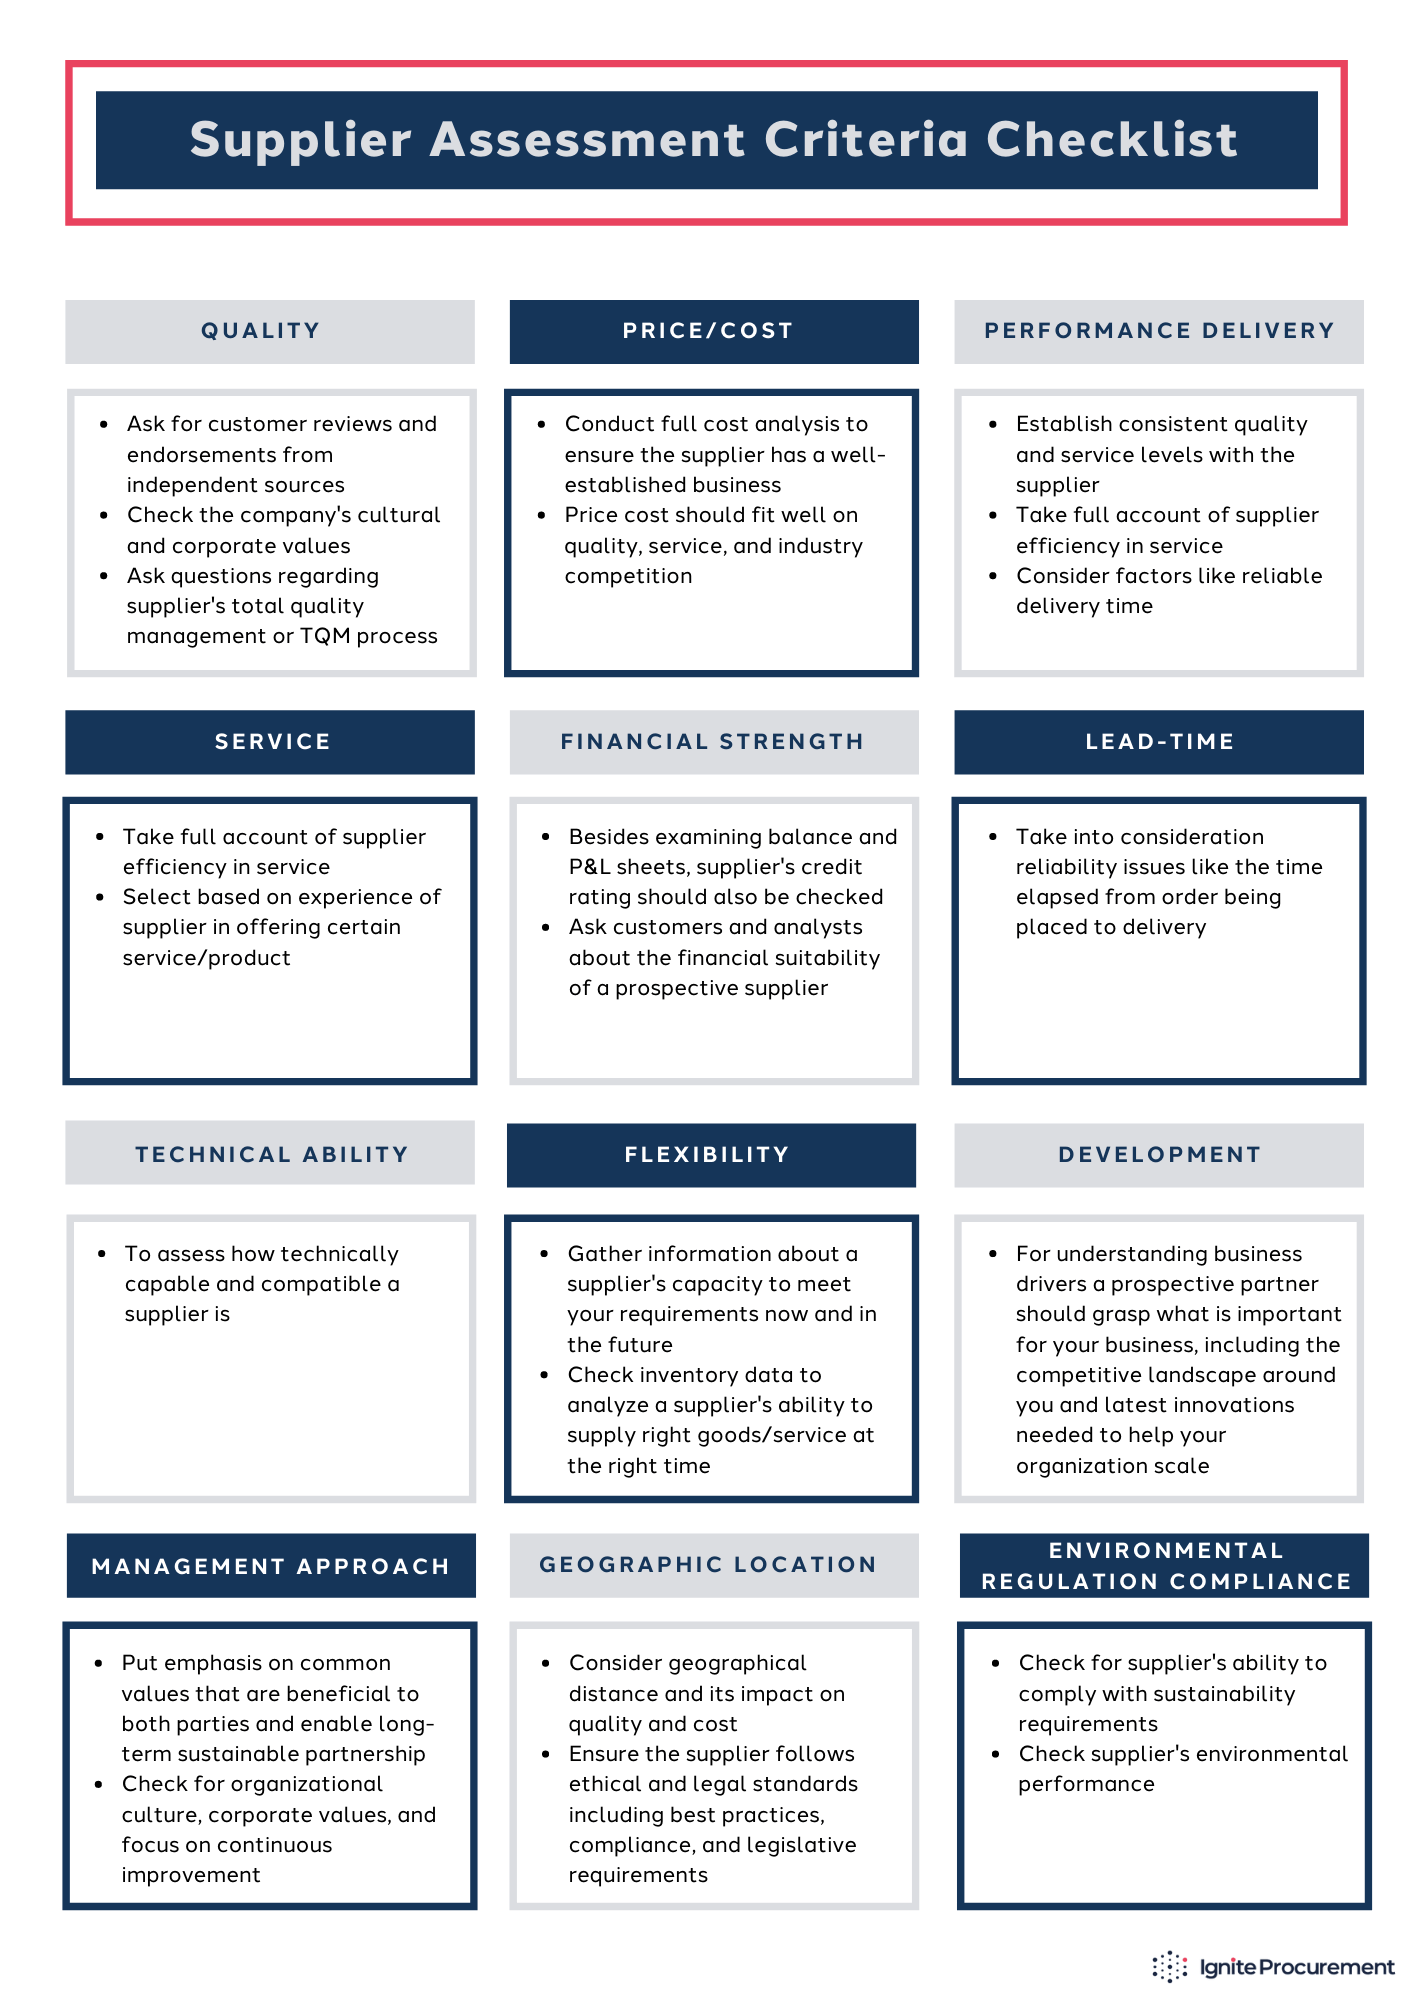 Supplier Assessment Criteria Checklist